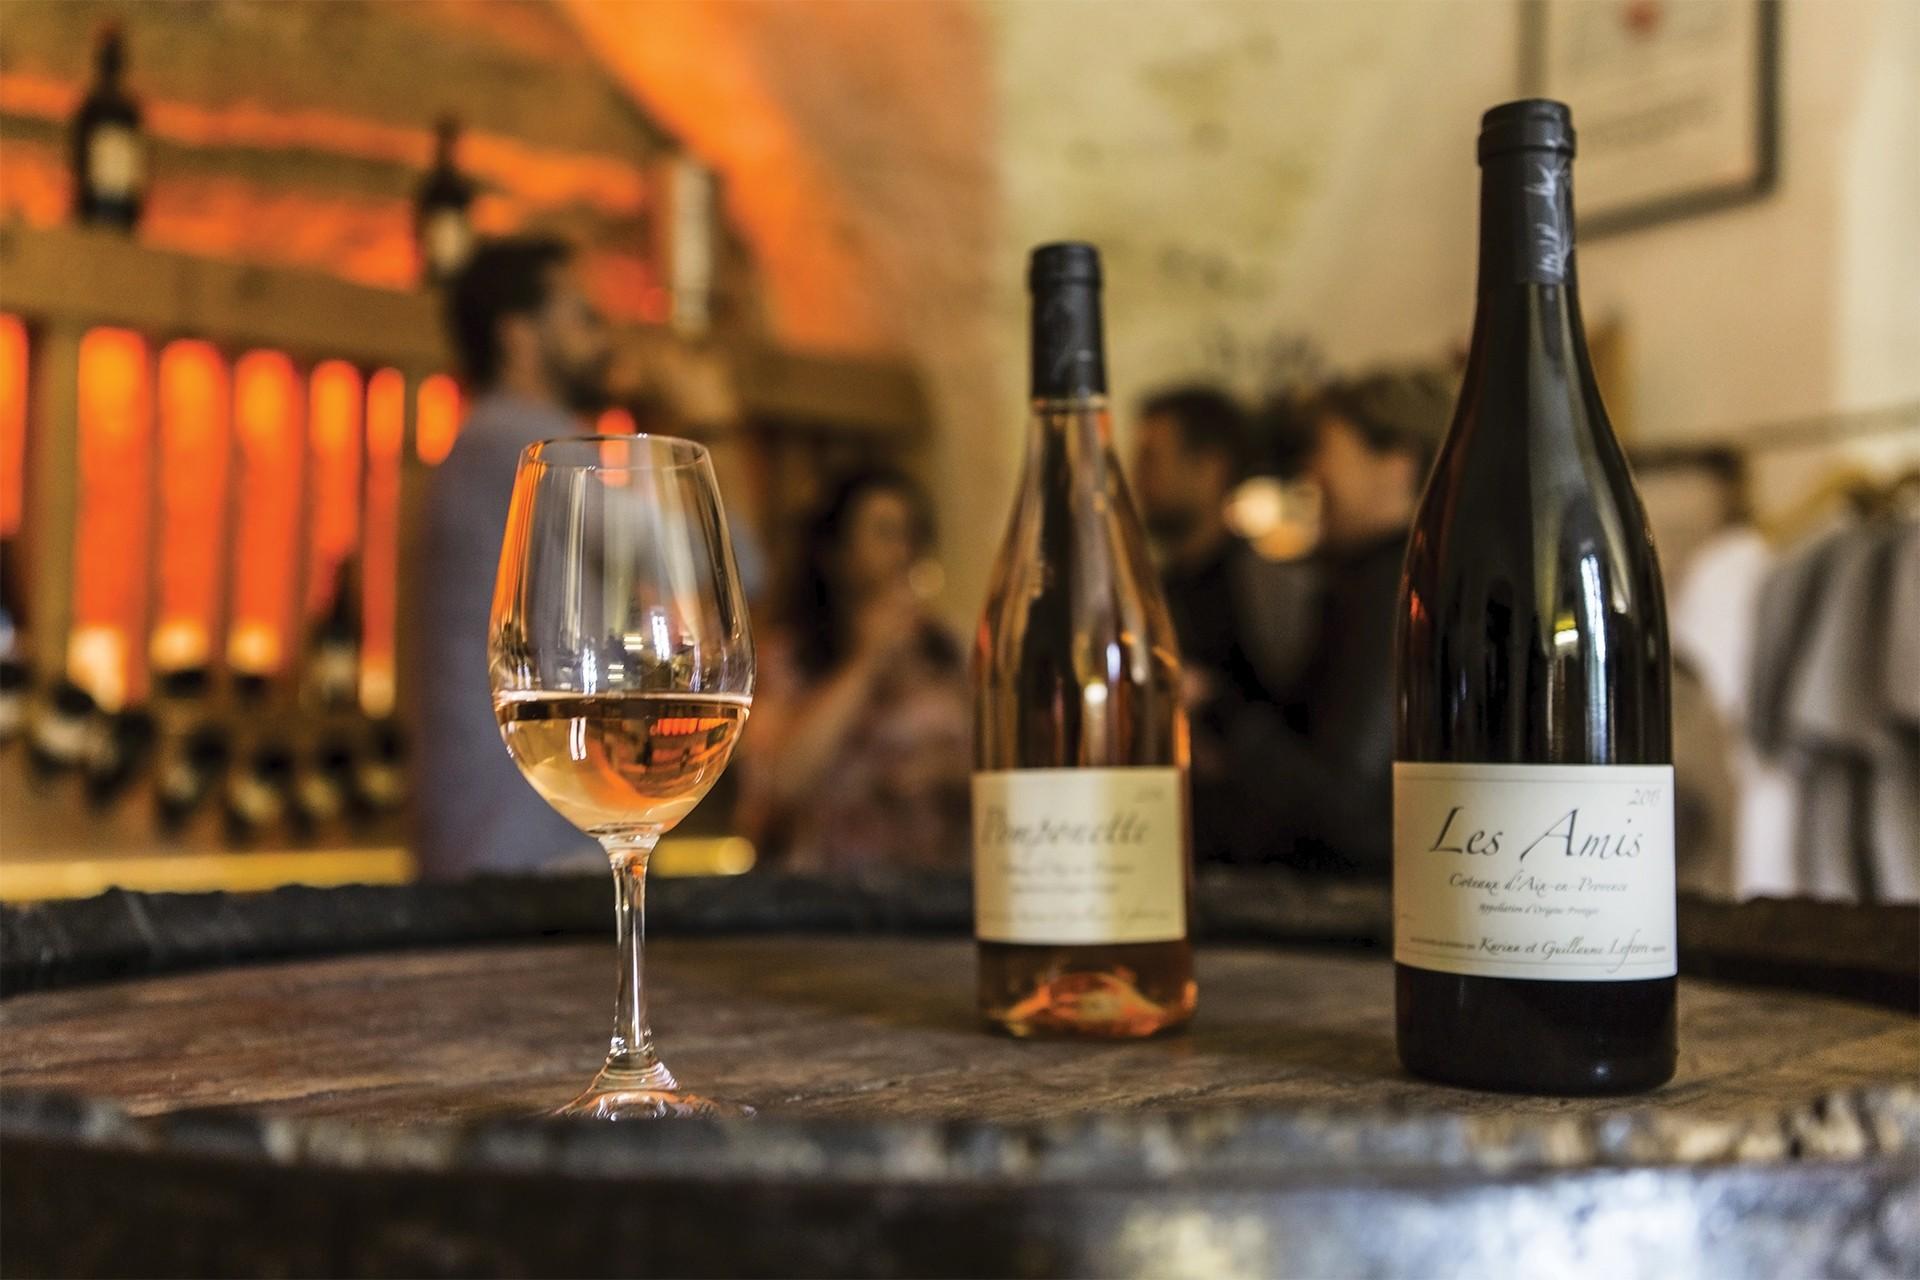 vins-de-sulauze-imagin-prod-4018